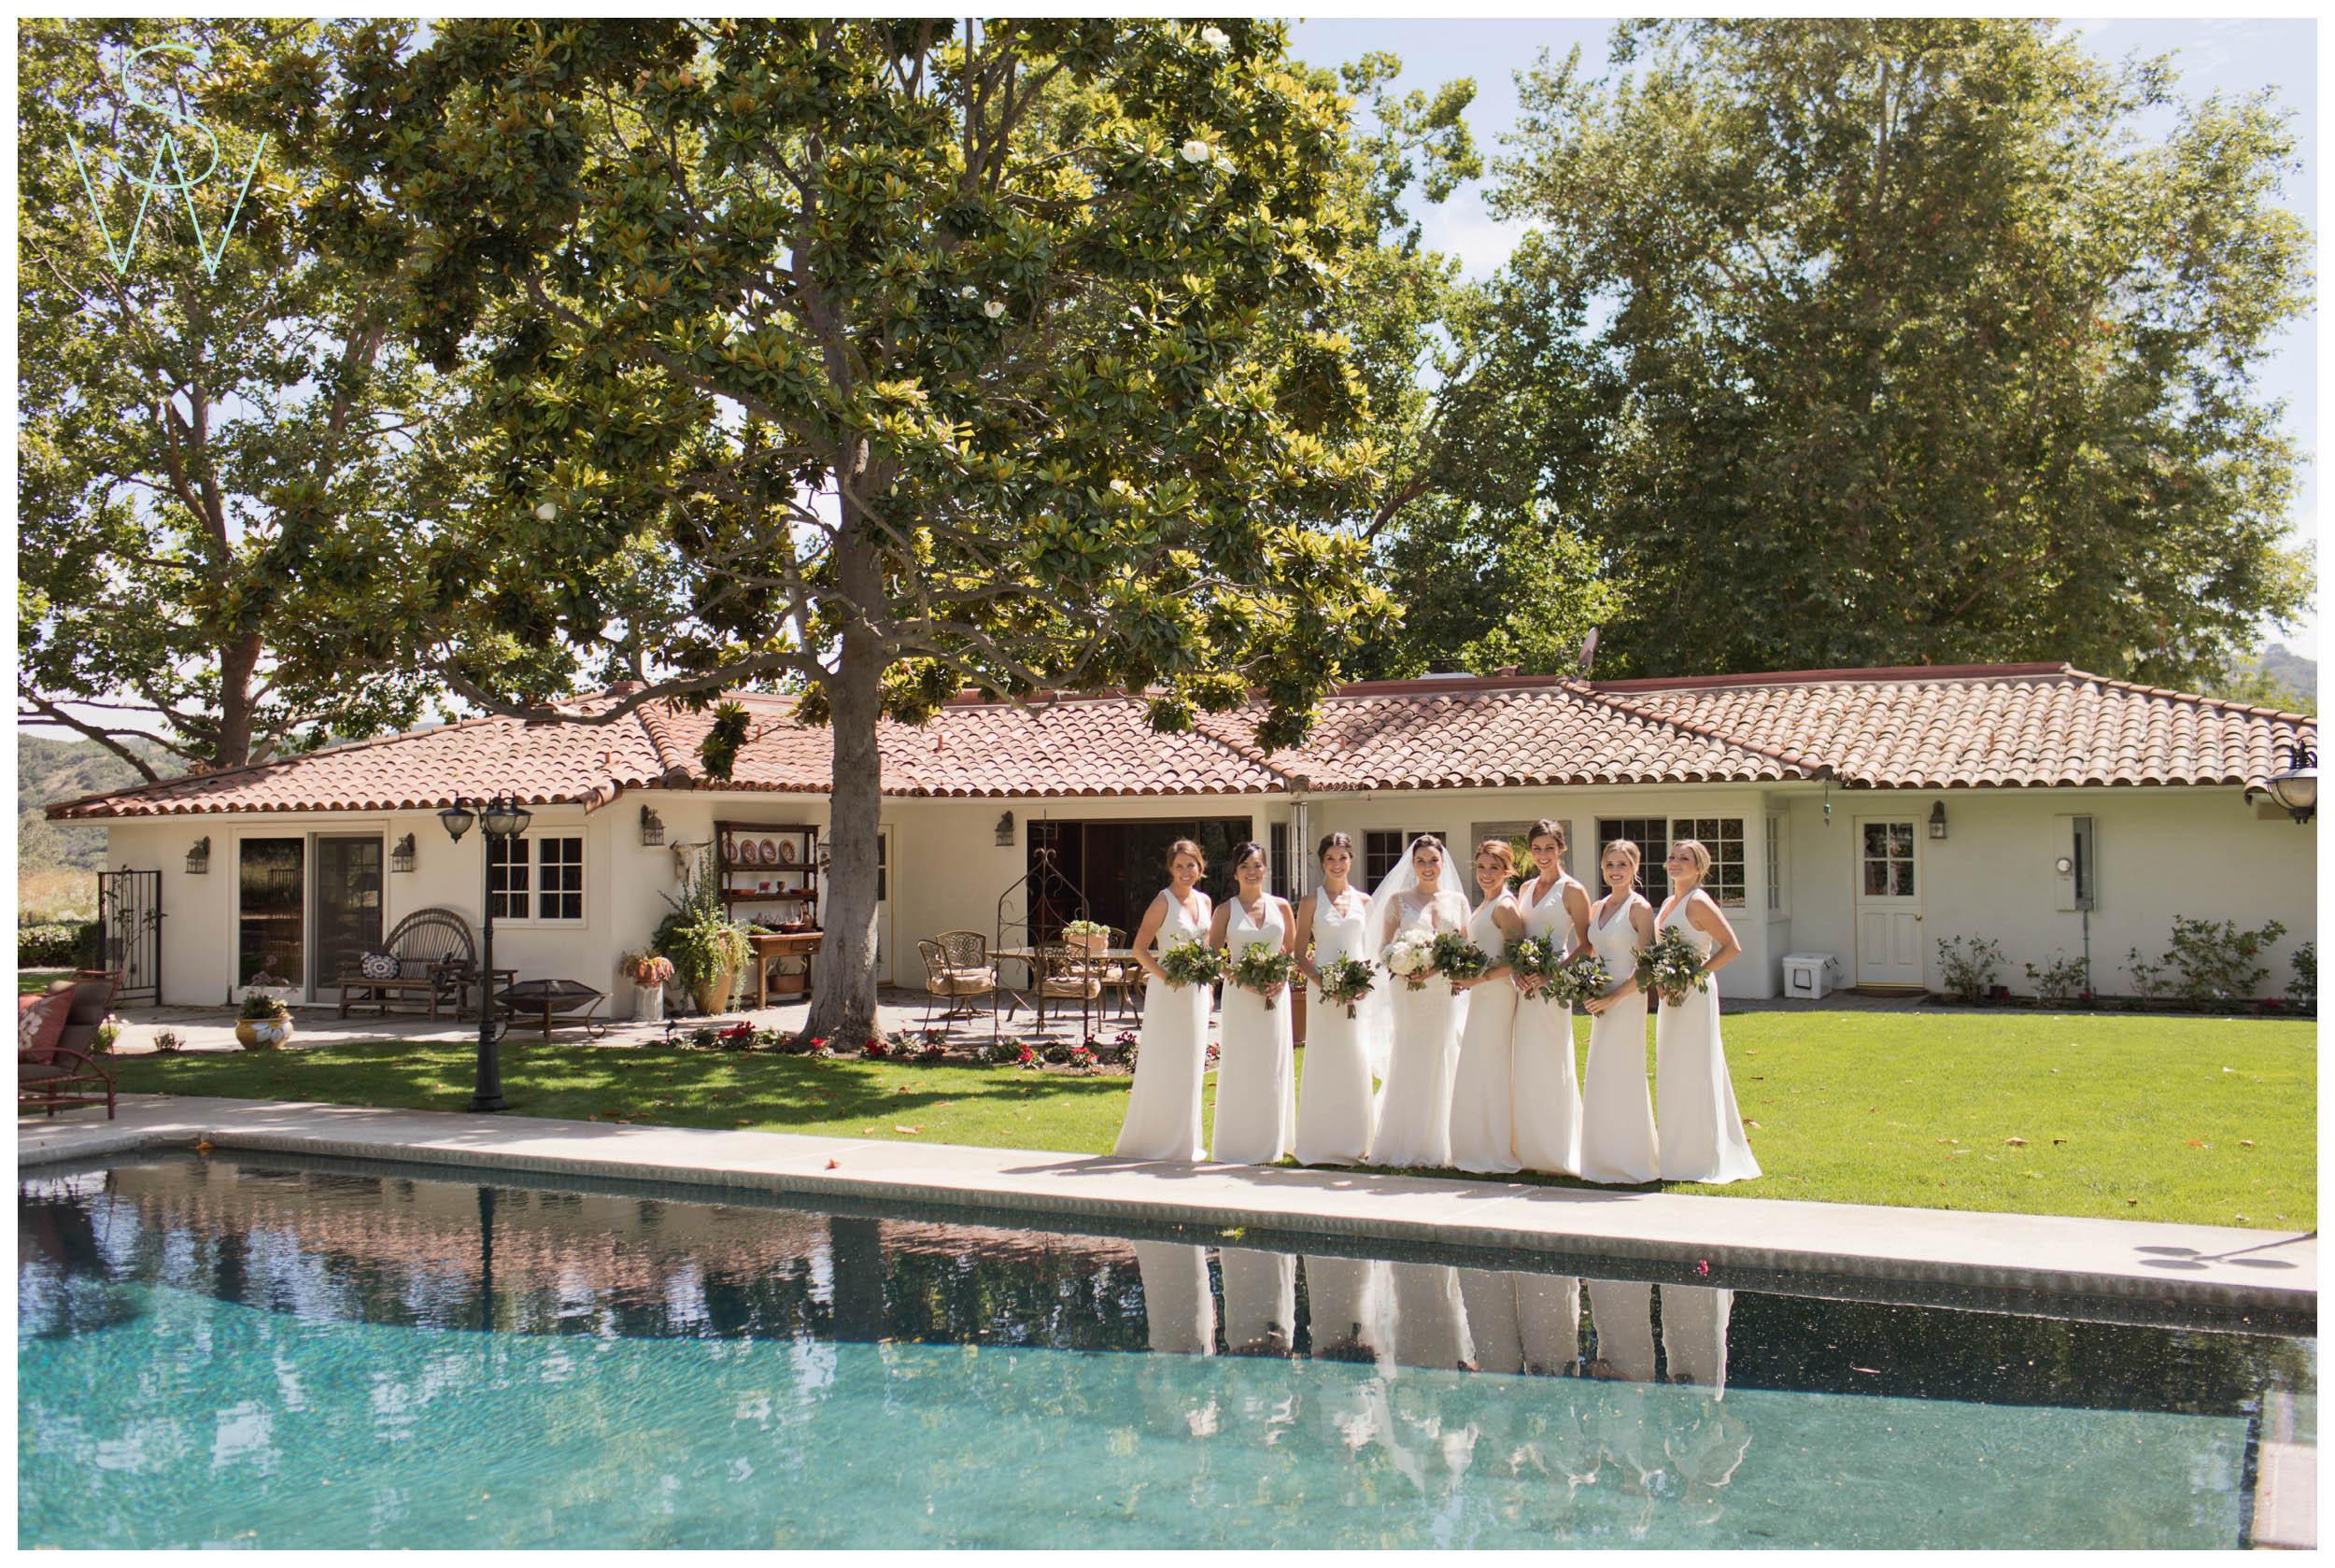 Shewanders.san_.diego_.wedding.photography.private.estate.tara_.jason-3784.jpg.diego_.wedding.photography.private.estate.tara_.jason-378.jpg